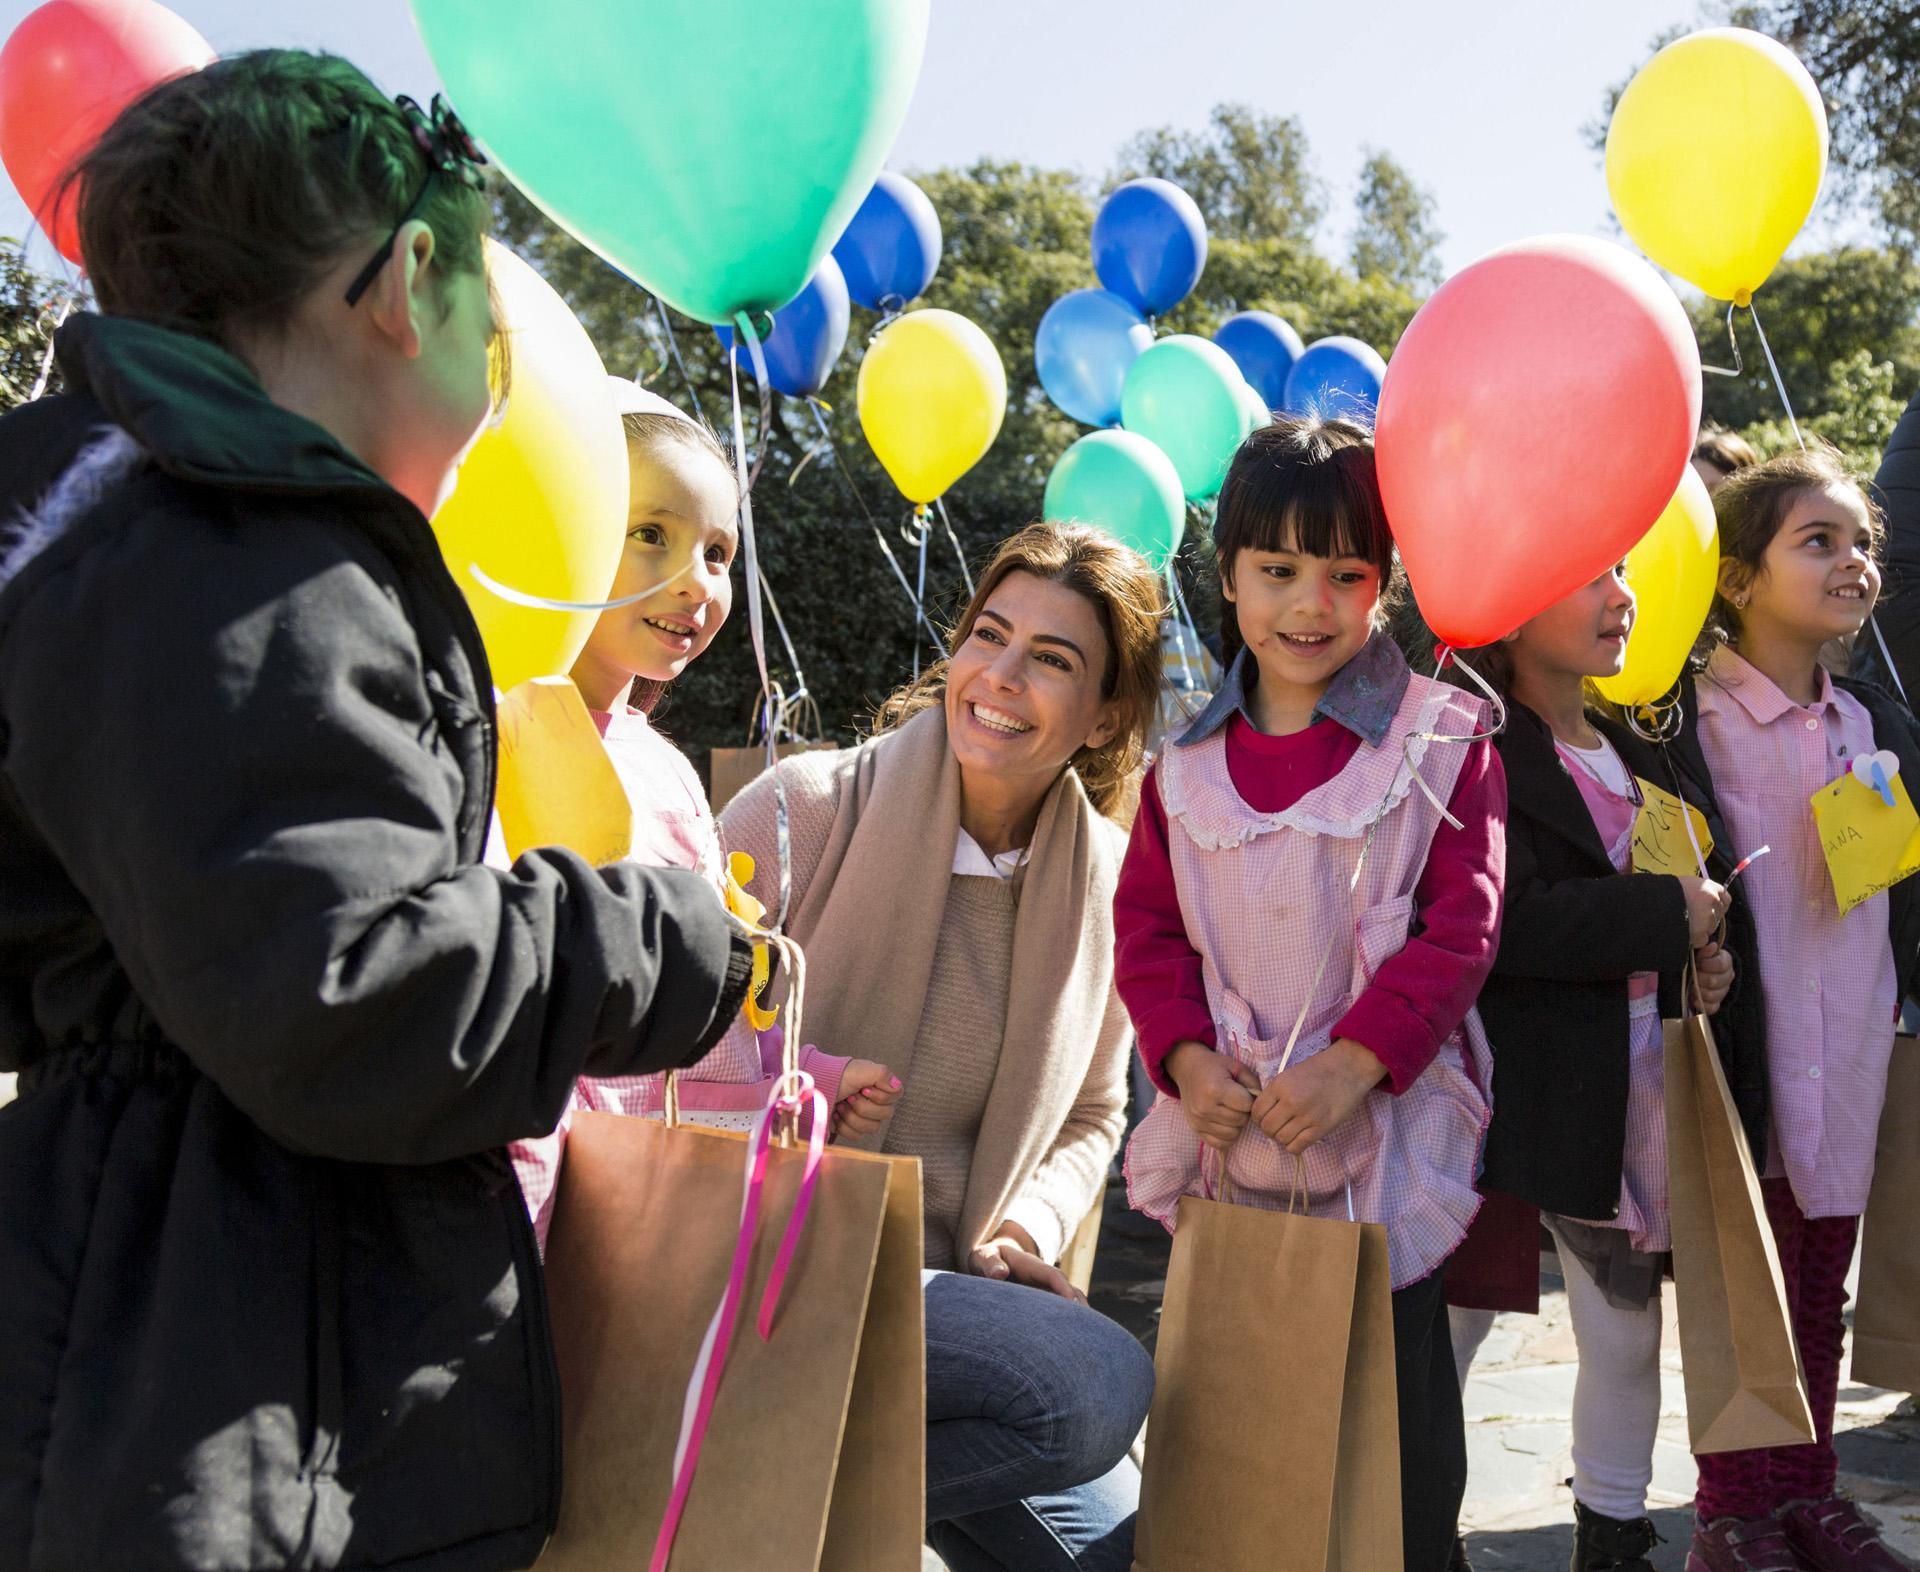 La primera dama, Juliana Awada, compartió hoy una celebración por el Día del Niño en la residencia de Olivos con un grupo de chicos de la Fundación Hogares y del colegio Santo Domingo Savio, que pertenece a la parroquia Nuestra Señora de La Cava